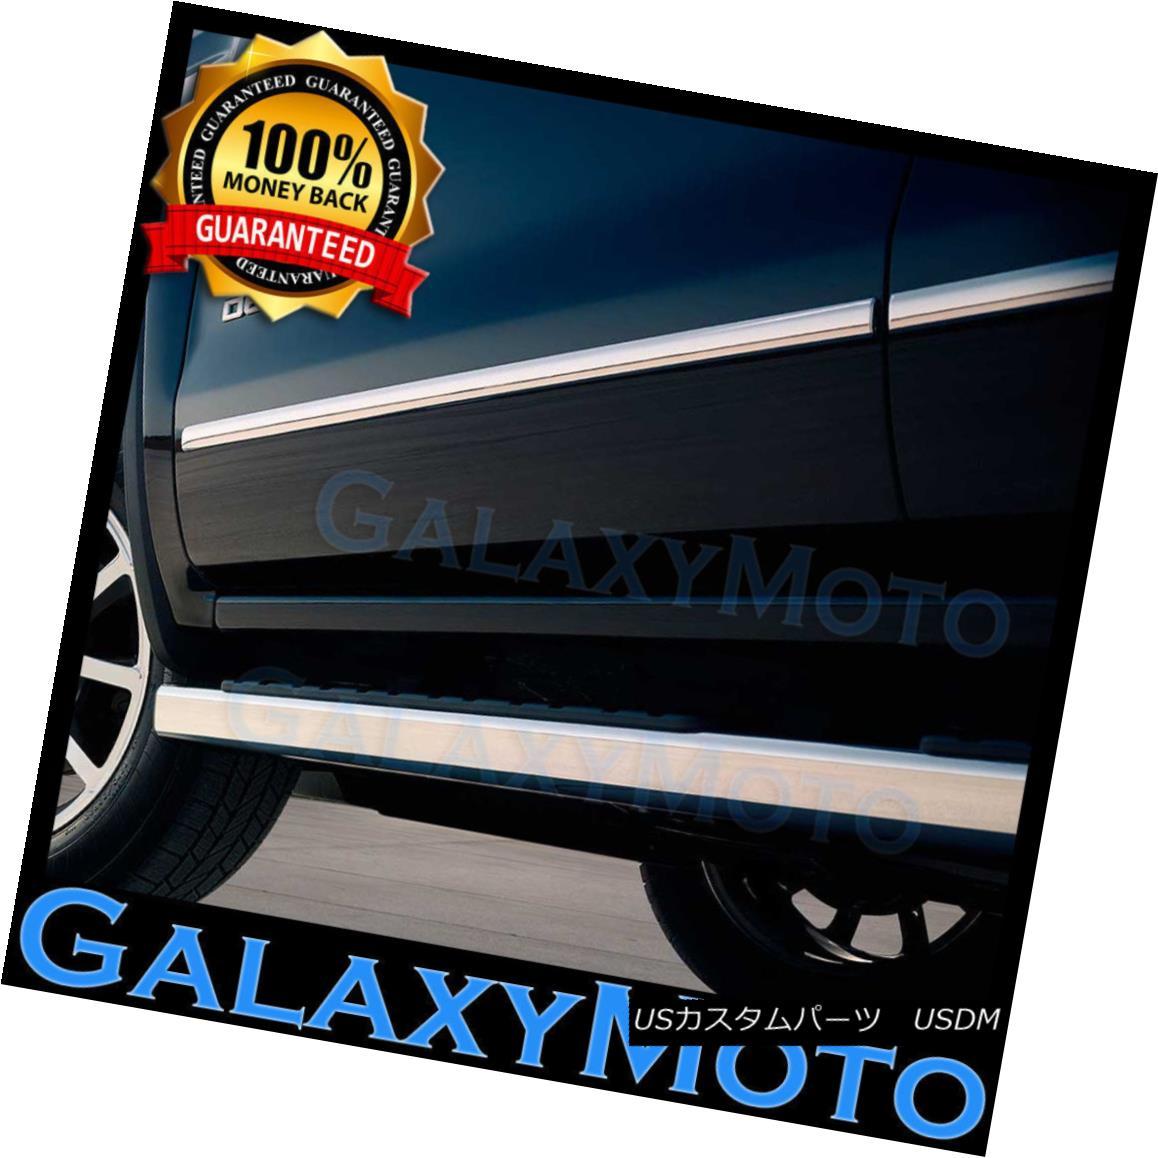 グリル 03-06 Chevy Silverado+HD Extended Cab 4 Door Chrome Body Side Molding Front+Rear 03-06 Chevy Silverado + HD拡張キャブ4ドアクロームボディサイドモールディングフロント+リア